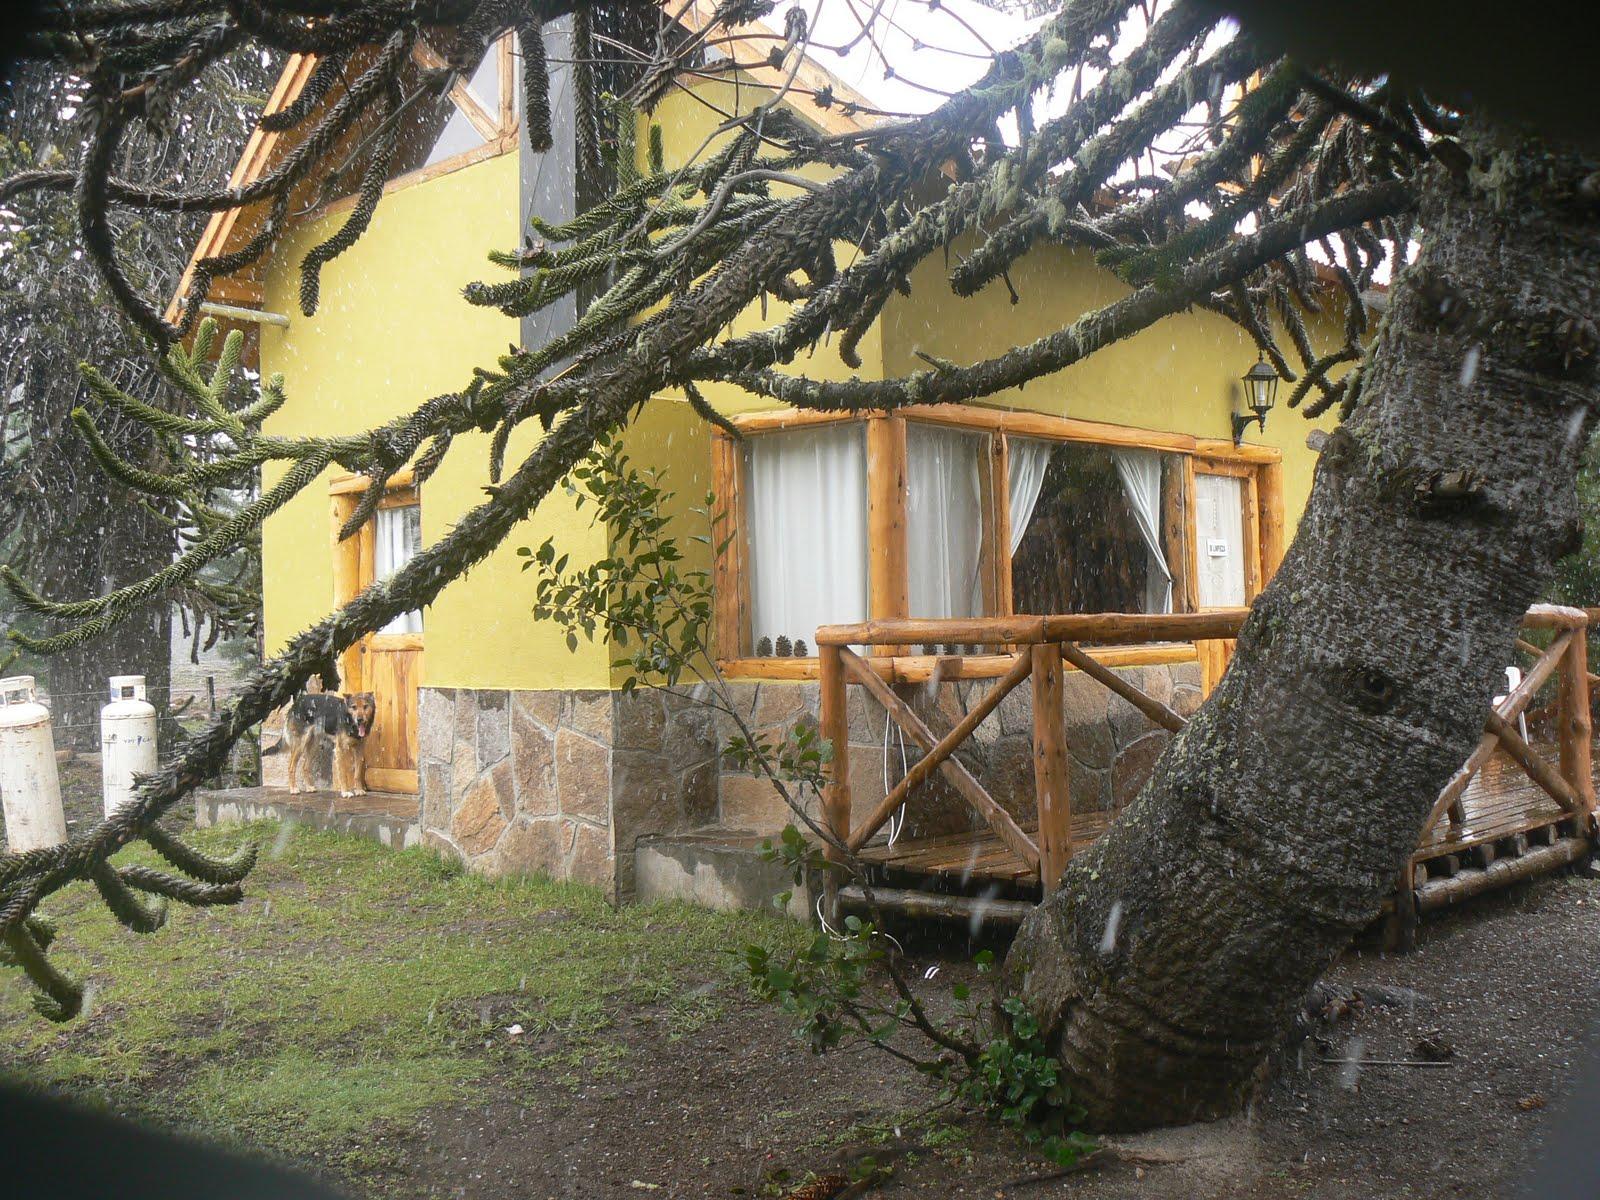 4 Post Cabana : Cabañas chepehuen cabaña pax